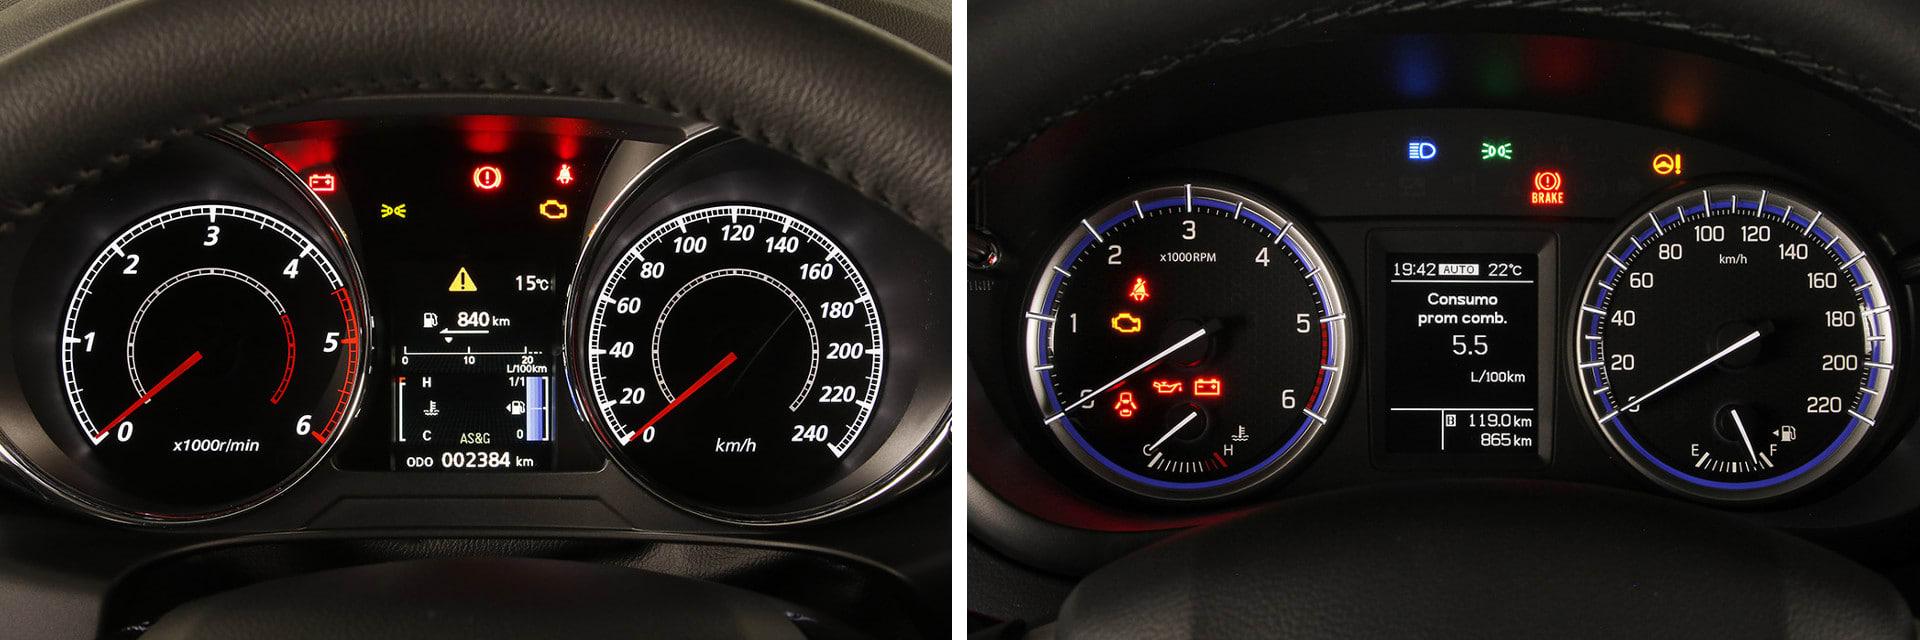 La instrumentación del Mitsubishi ASX (izq.) y la del Suzuki S-Cross (dcha.) se ve bien en cualquier circunstancia.